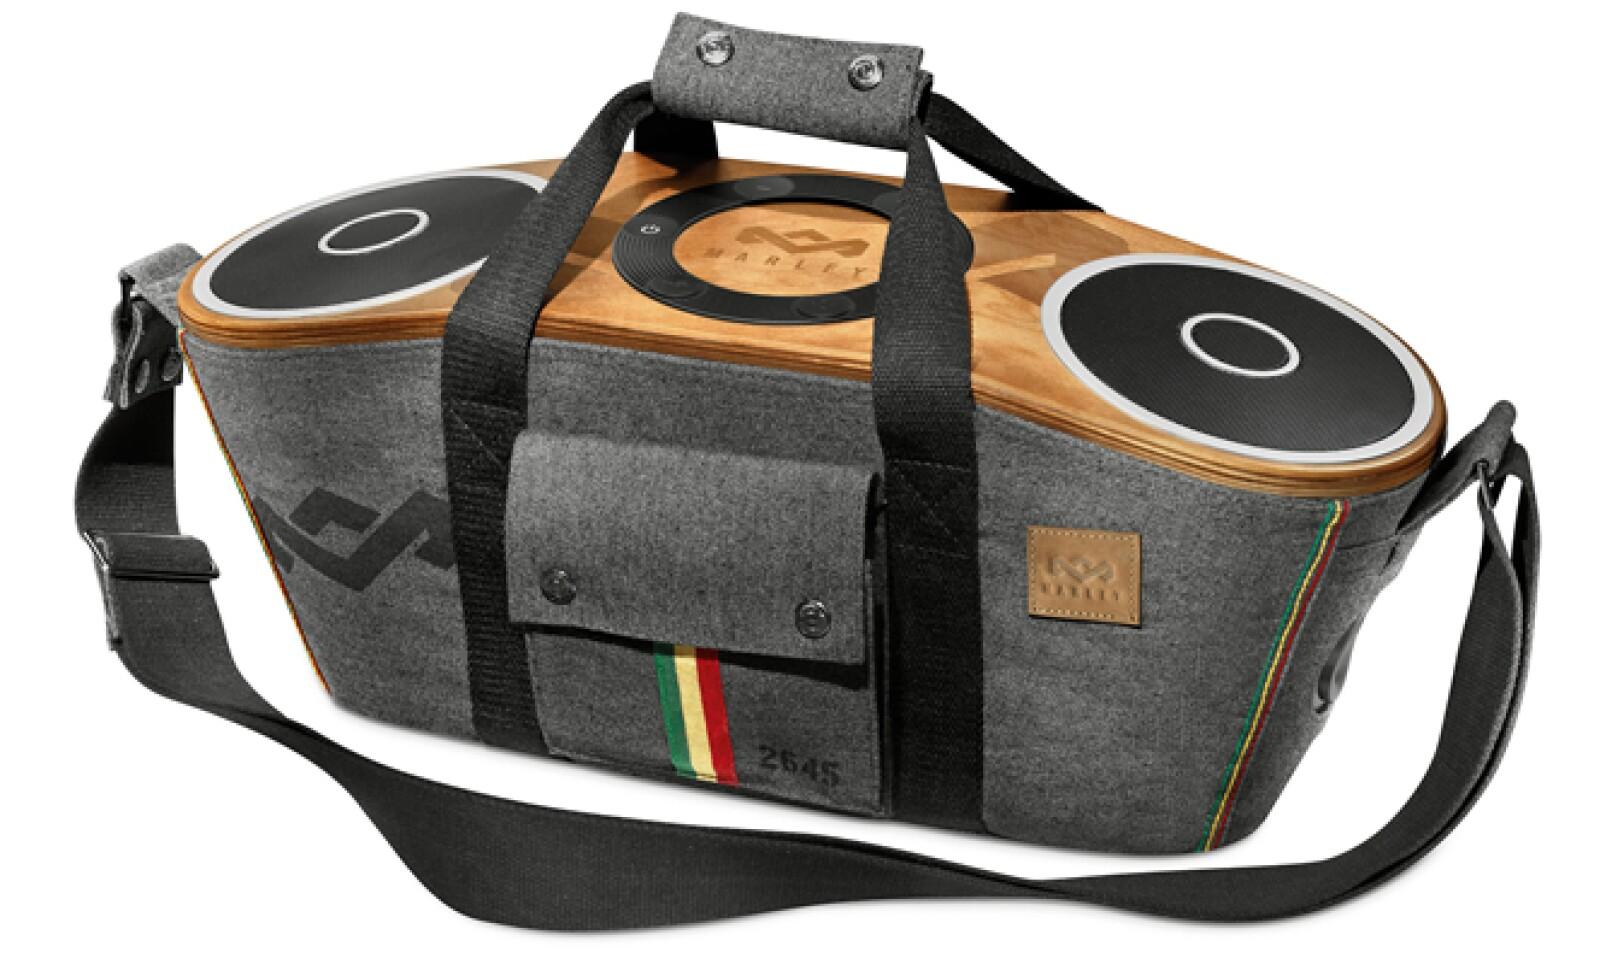 Bag of Riddim Bluetooth son unas bocinas que ofrecen potencia y calidad de sonido. Vienen en una mochila que incluye una bolsa para guardar tus dispositivos que se reproducen vía Bluetooth. Precio: 400 dólares.